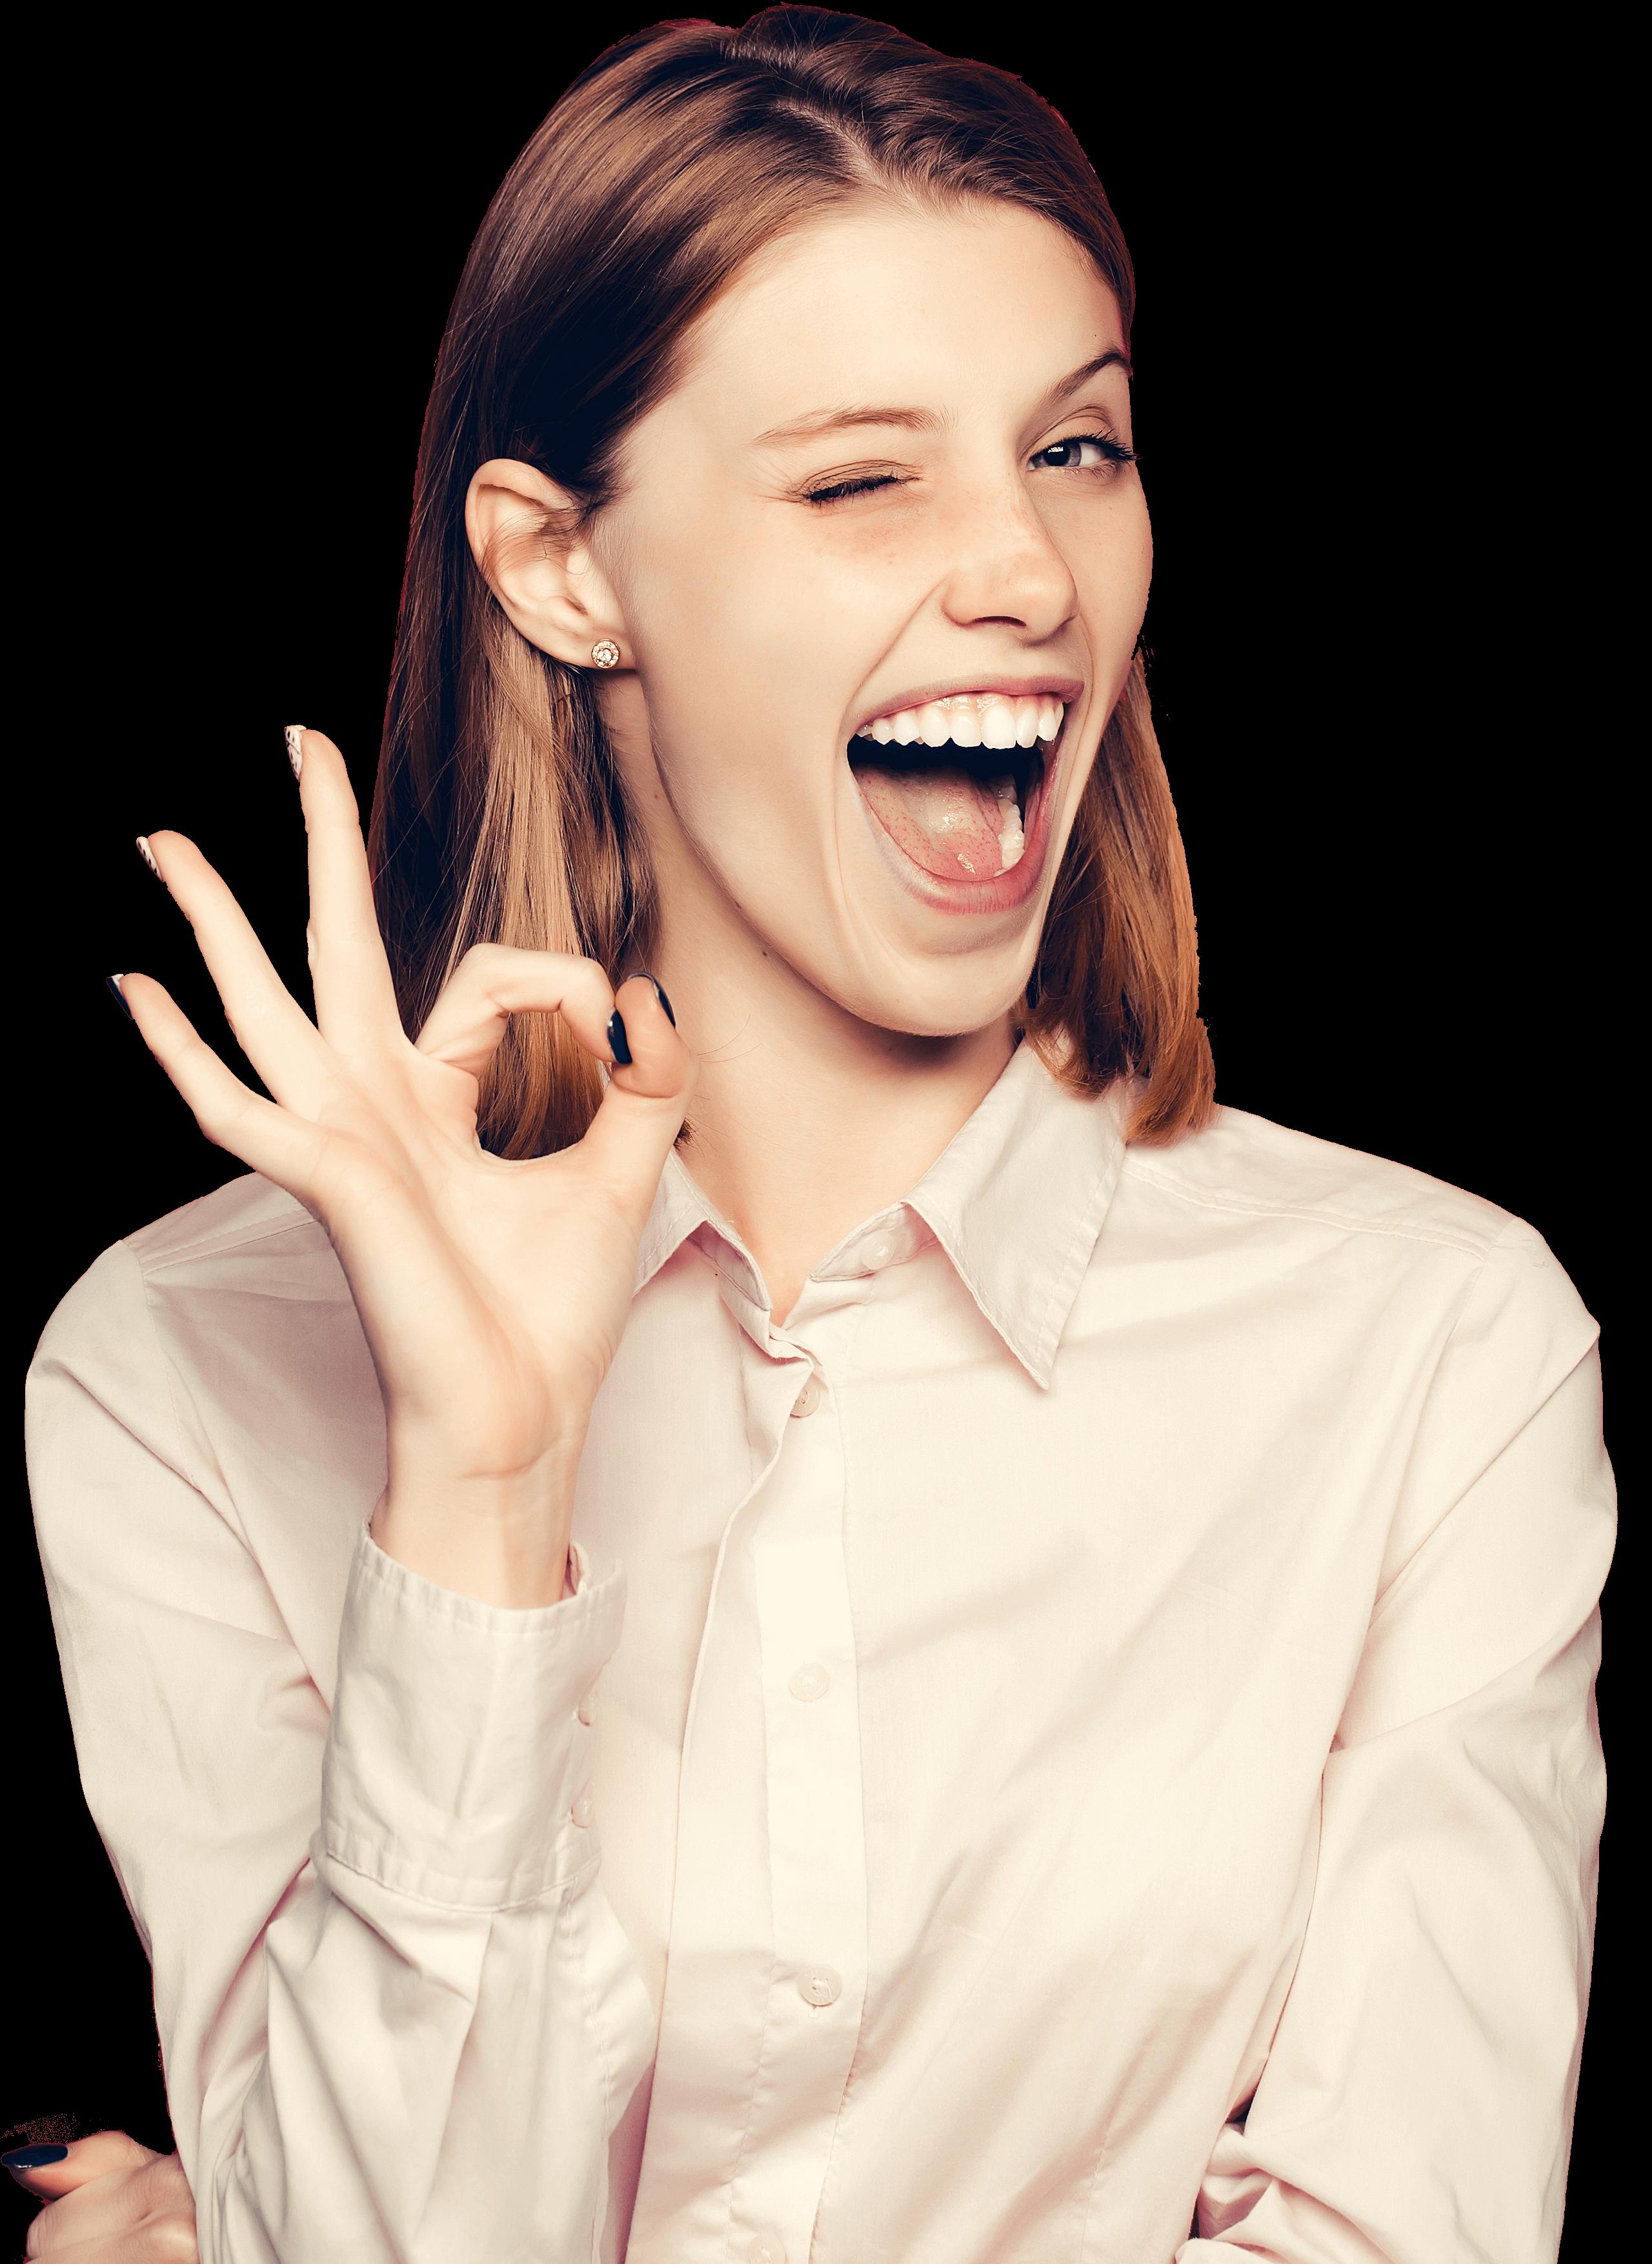 ההצגה הטובה ביותר בקמפוס - pretty girl young beautiful cute woman female model with red hair in white shirt shows ok gesture